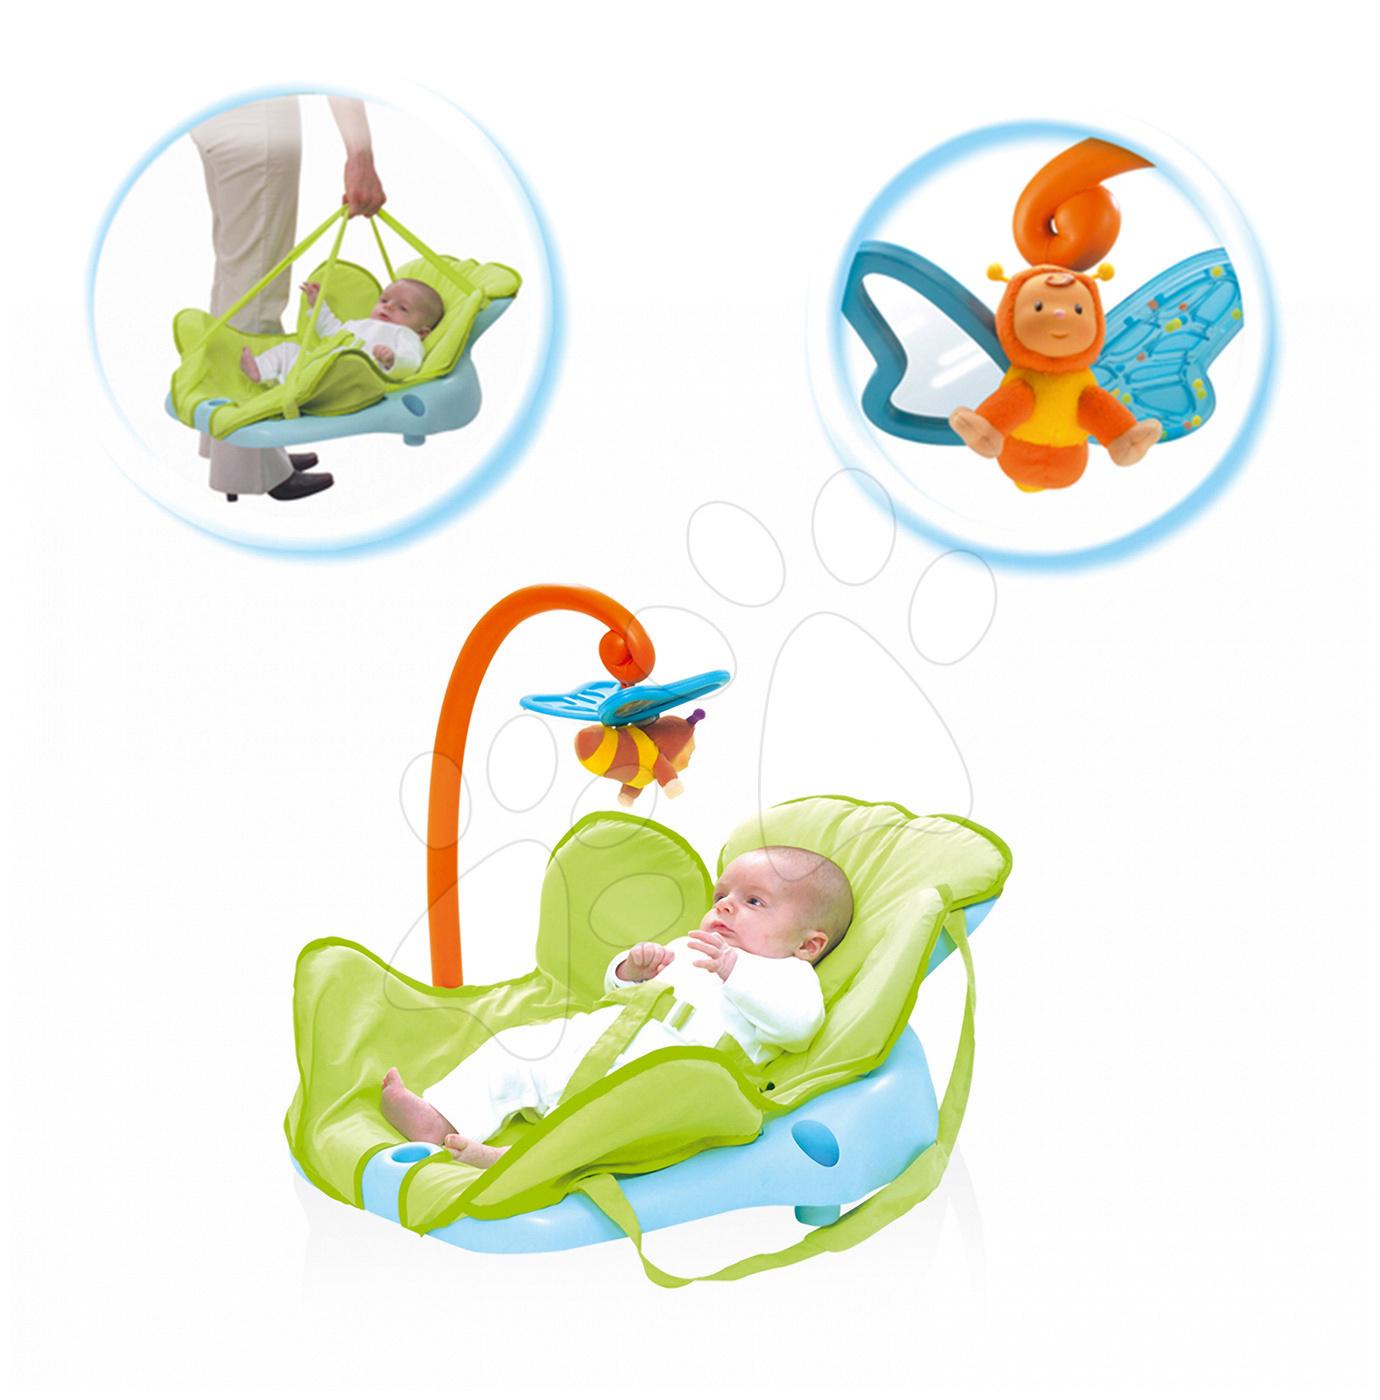 Dětské sedačky - Lehátko Cotoons Smoby s motýlkem pro nejmenší modro-zelené